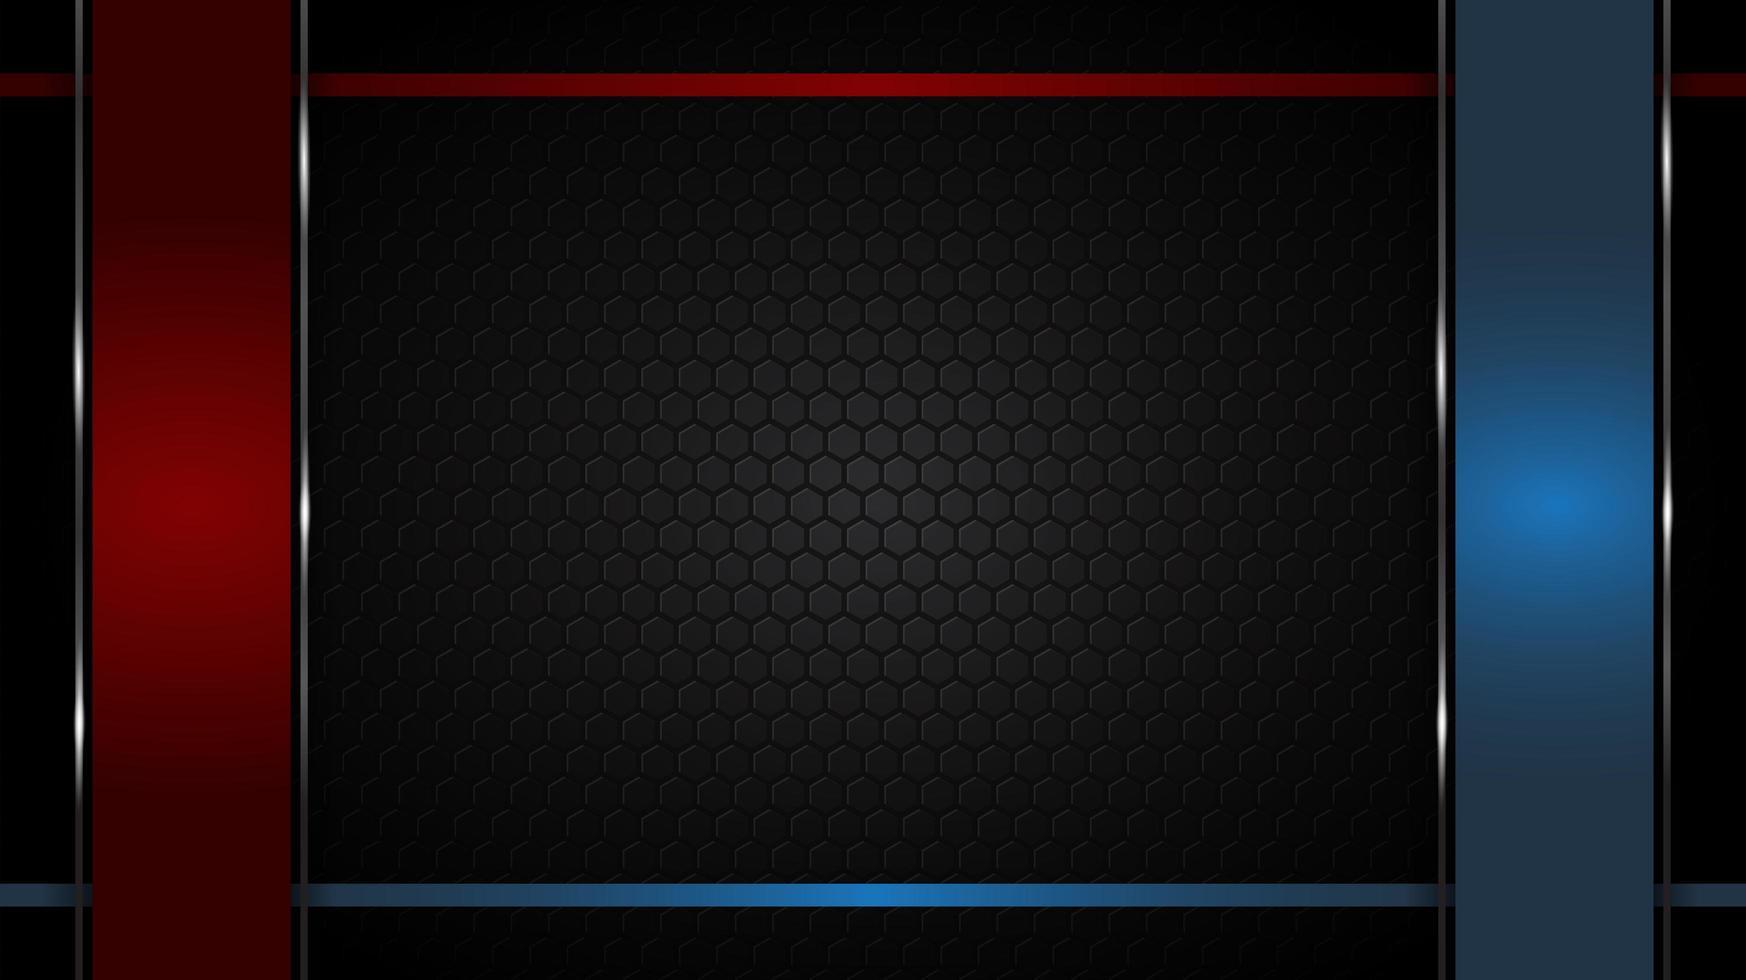 bordi lucidi rossi e blu sul modello esagonale nero vettore